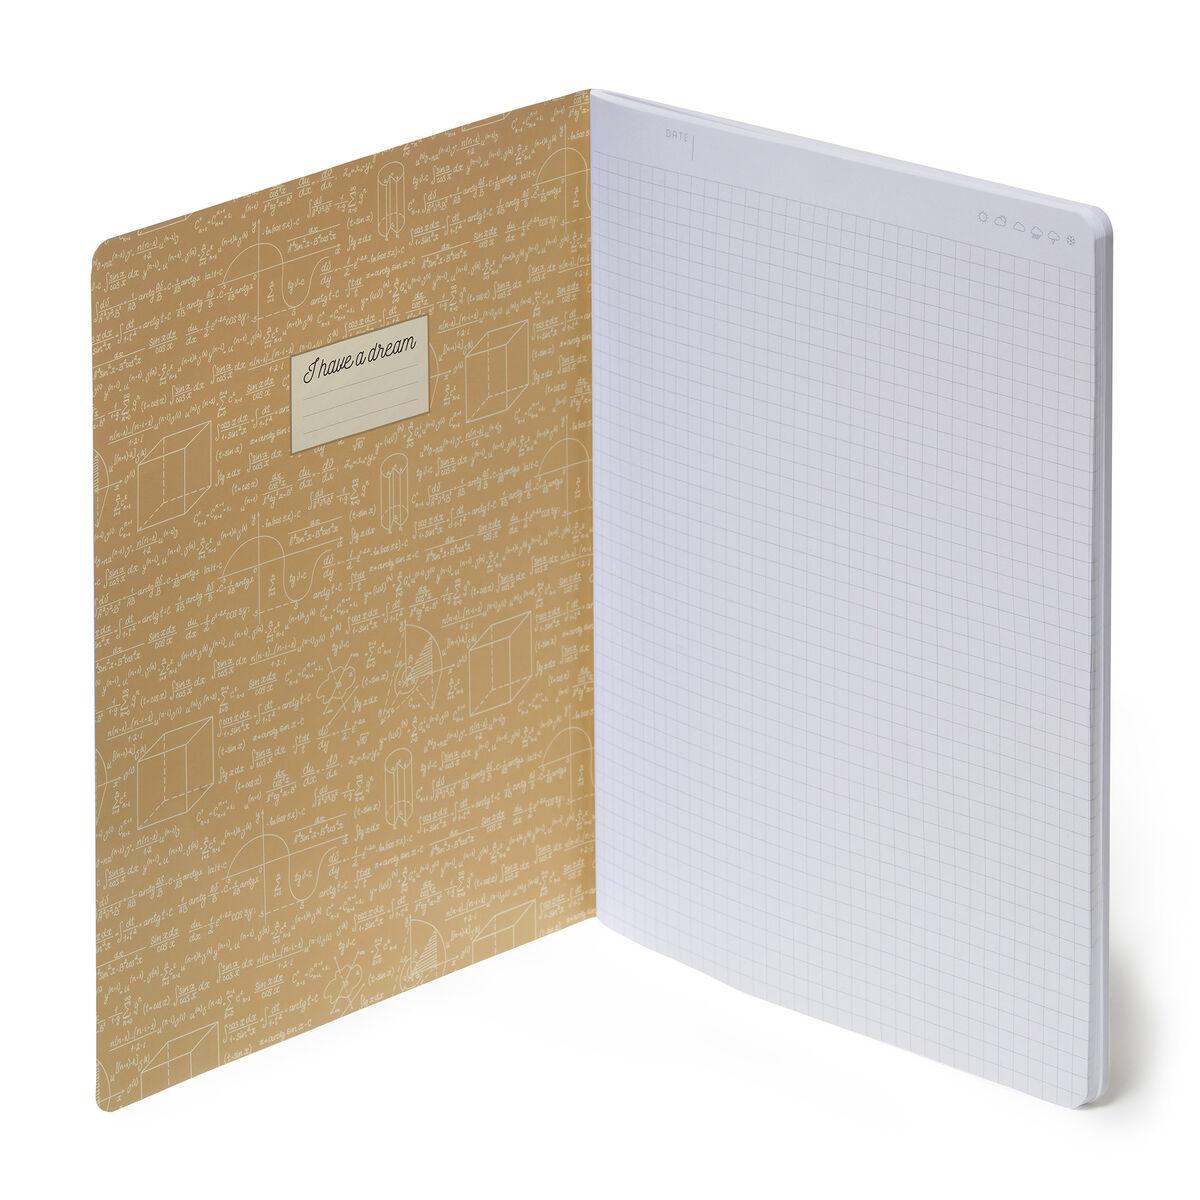 Quaderno a Quadretti - Foglio B5, , zoo